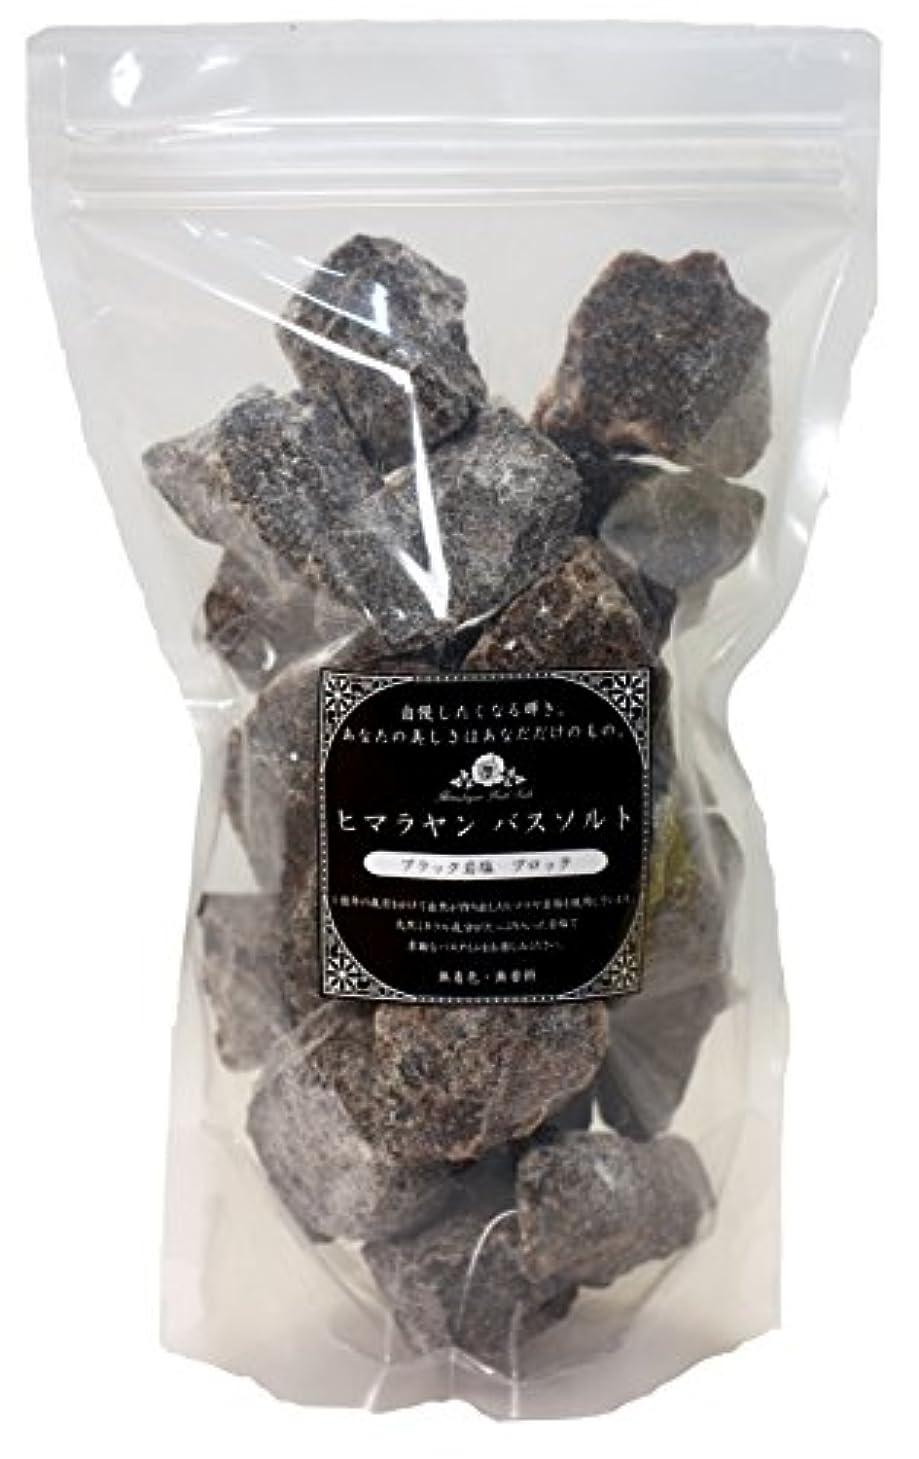 操作タンパク質屋内でヒマラヤンバスソルト 岩塩ブラック ブロック 1.2㎏